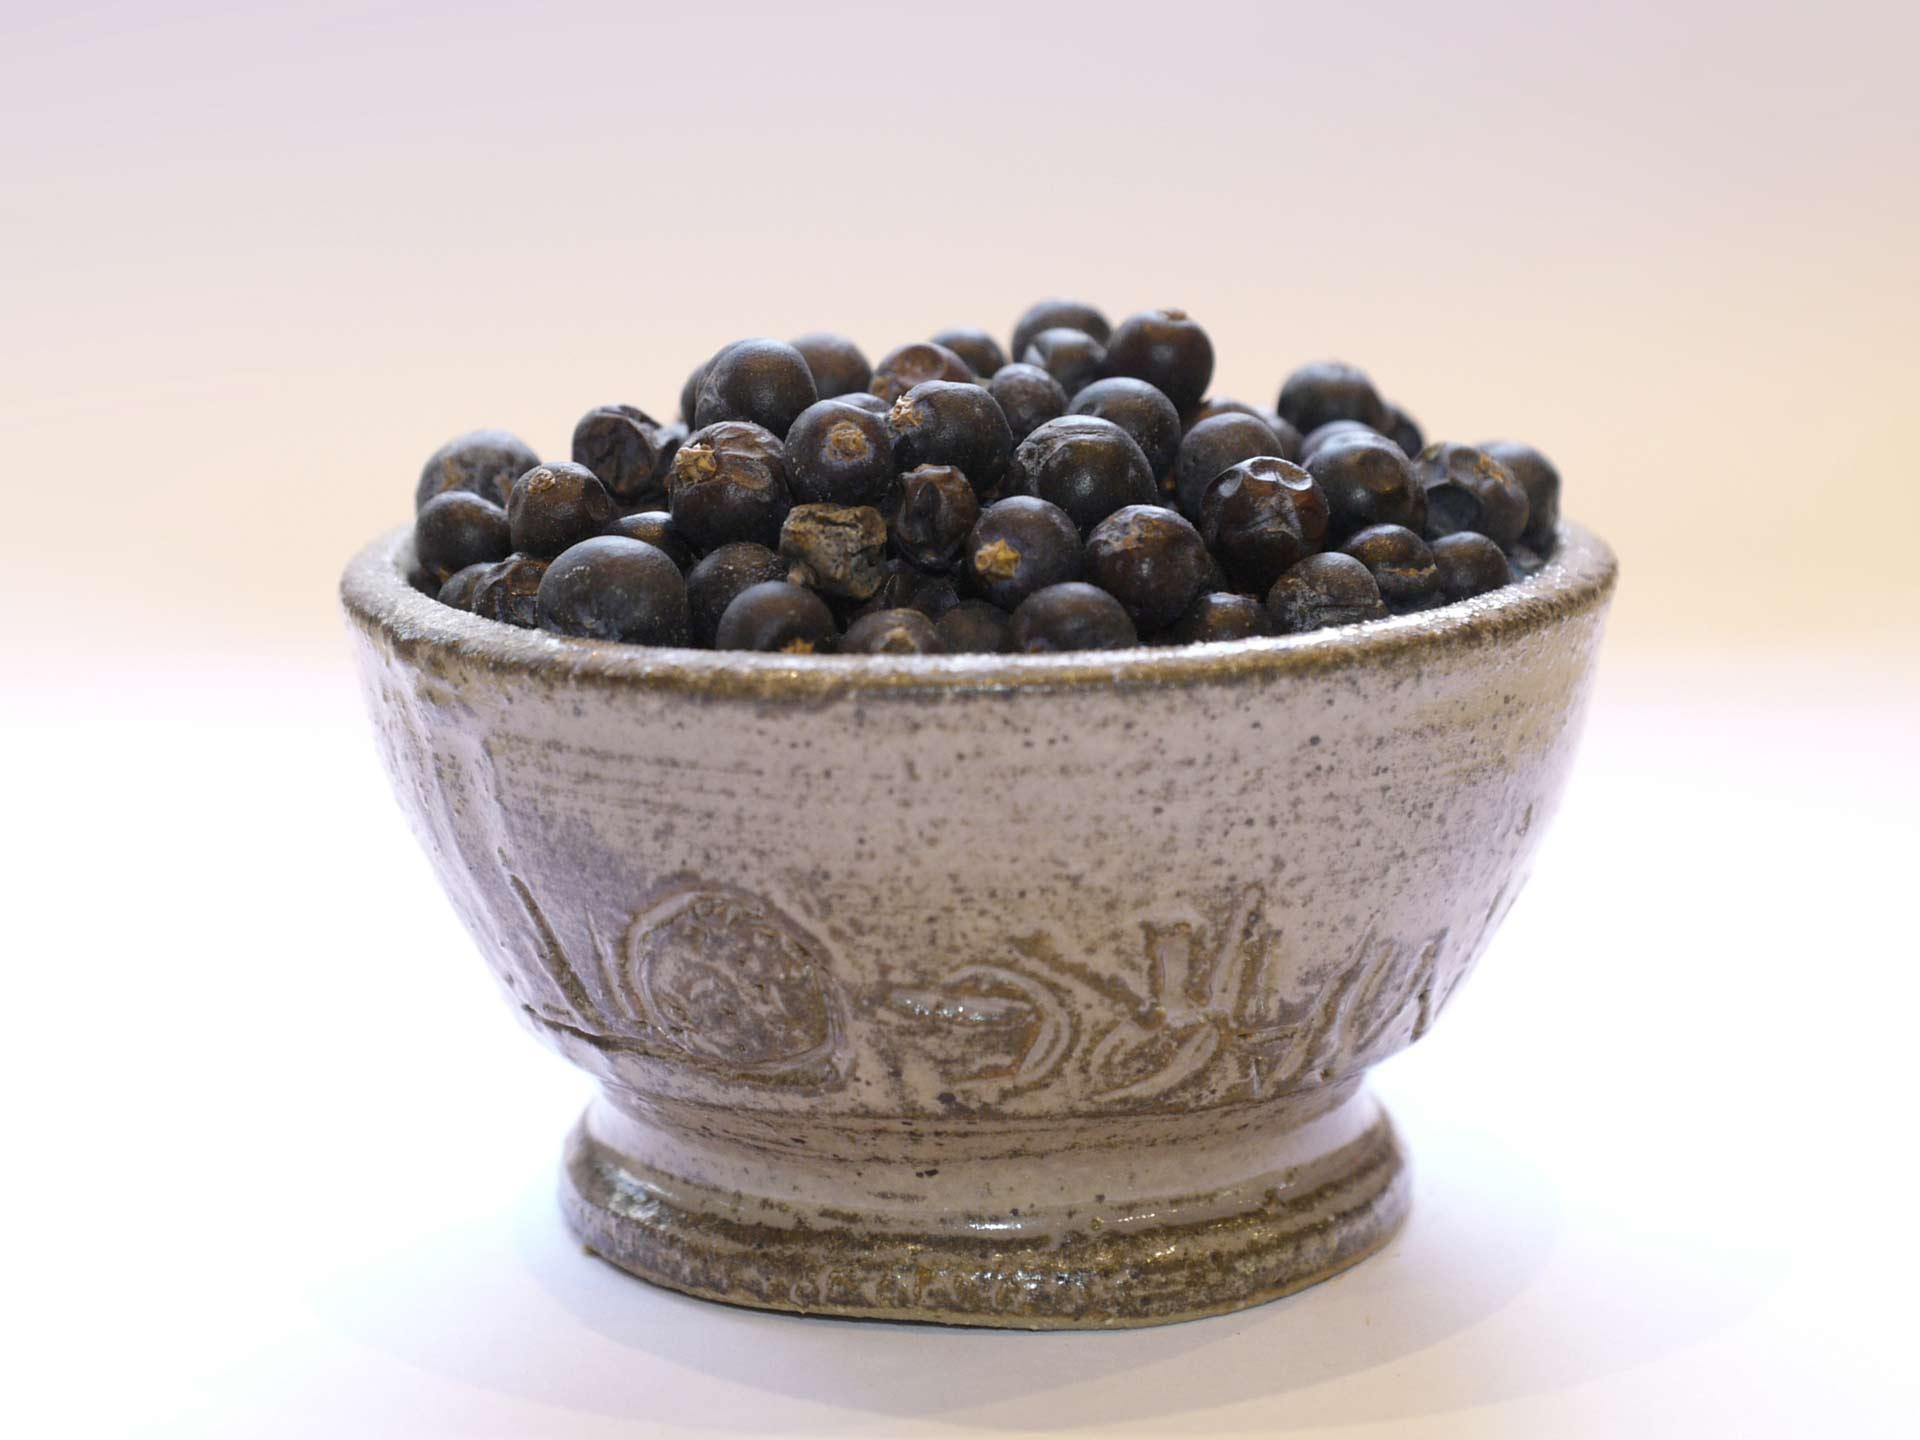 Baie de genièvre bio gin choucroute juniperus genévrier rognons de veau liégeoise